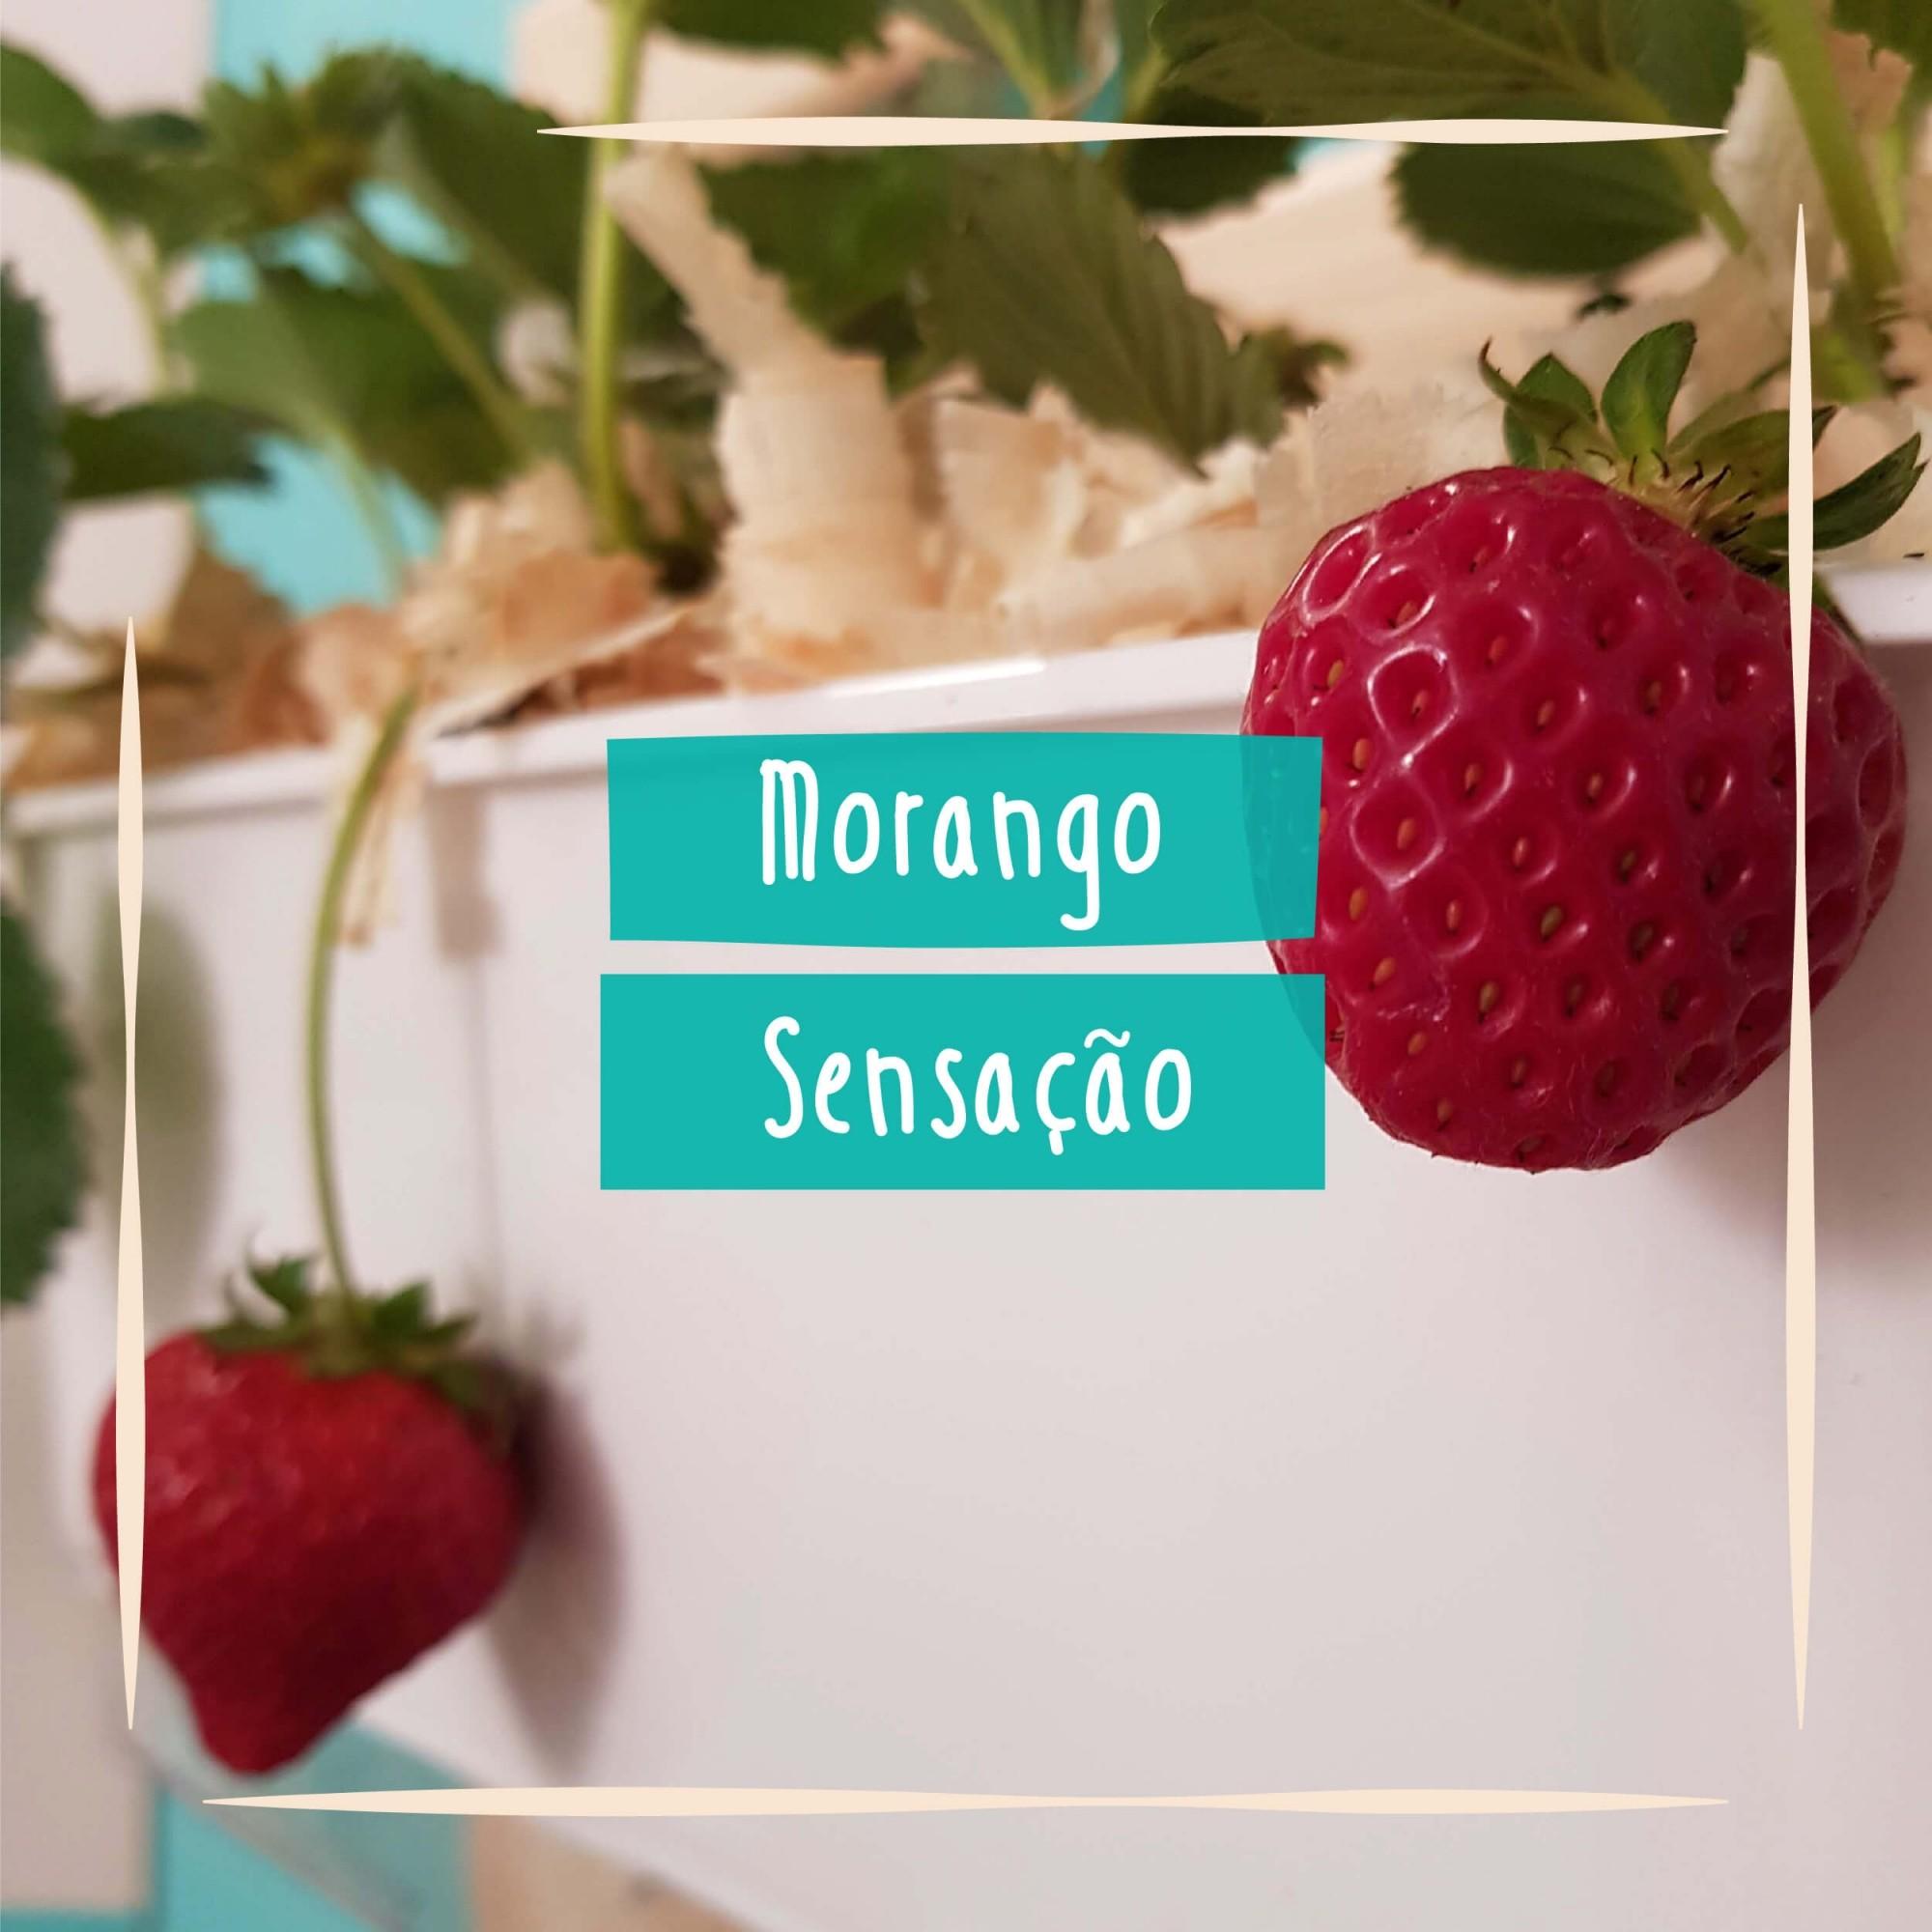 Sementes para plantar Morango Sensação em vasos autoirrigáveis RAIZ  - Loja Raiz